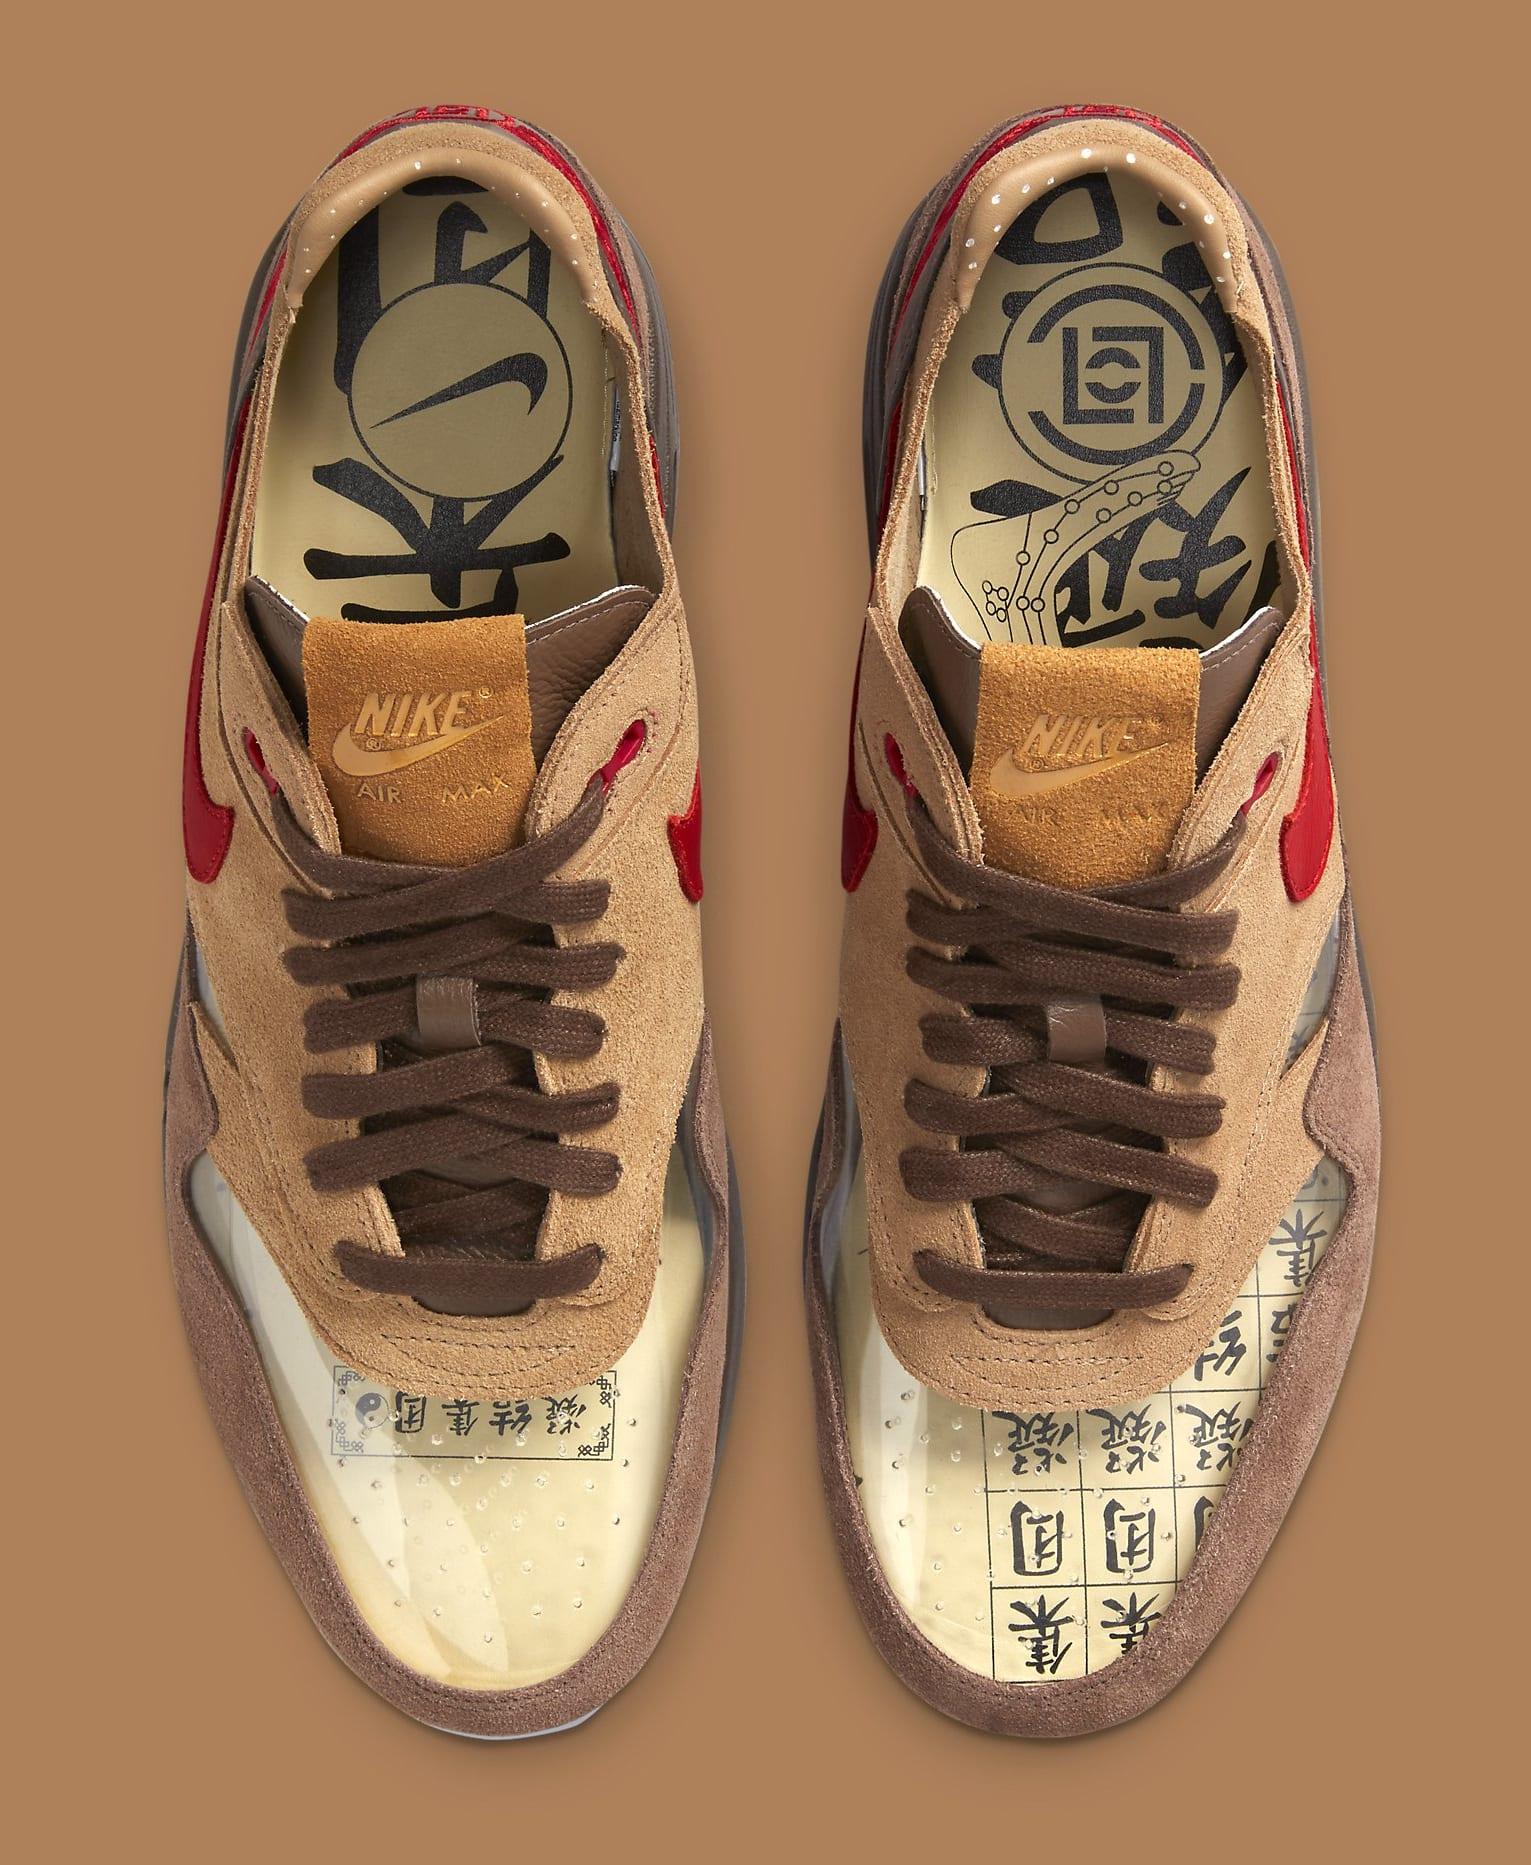 Clot x Nike Air Max 1 'K.O.D. - CHA' DD1870-200 Top